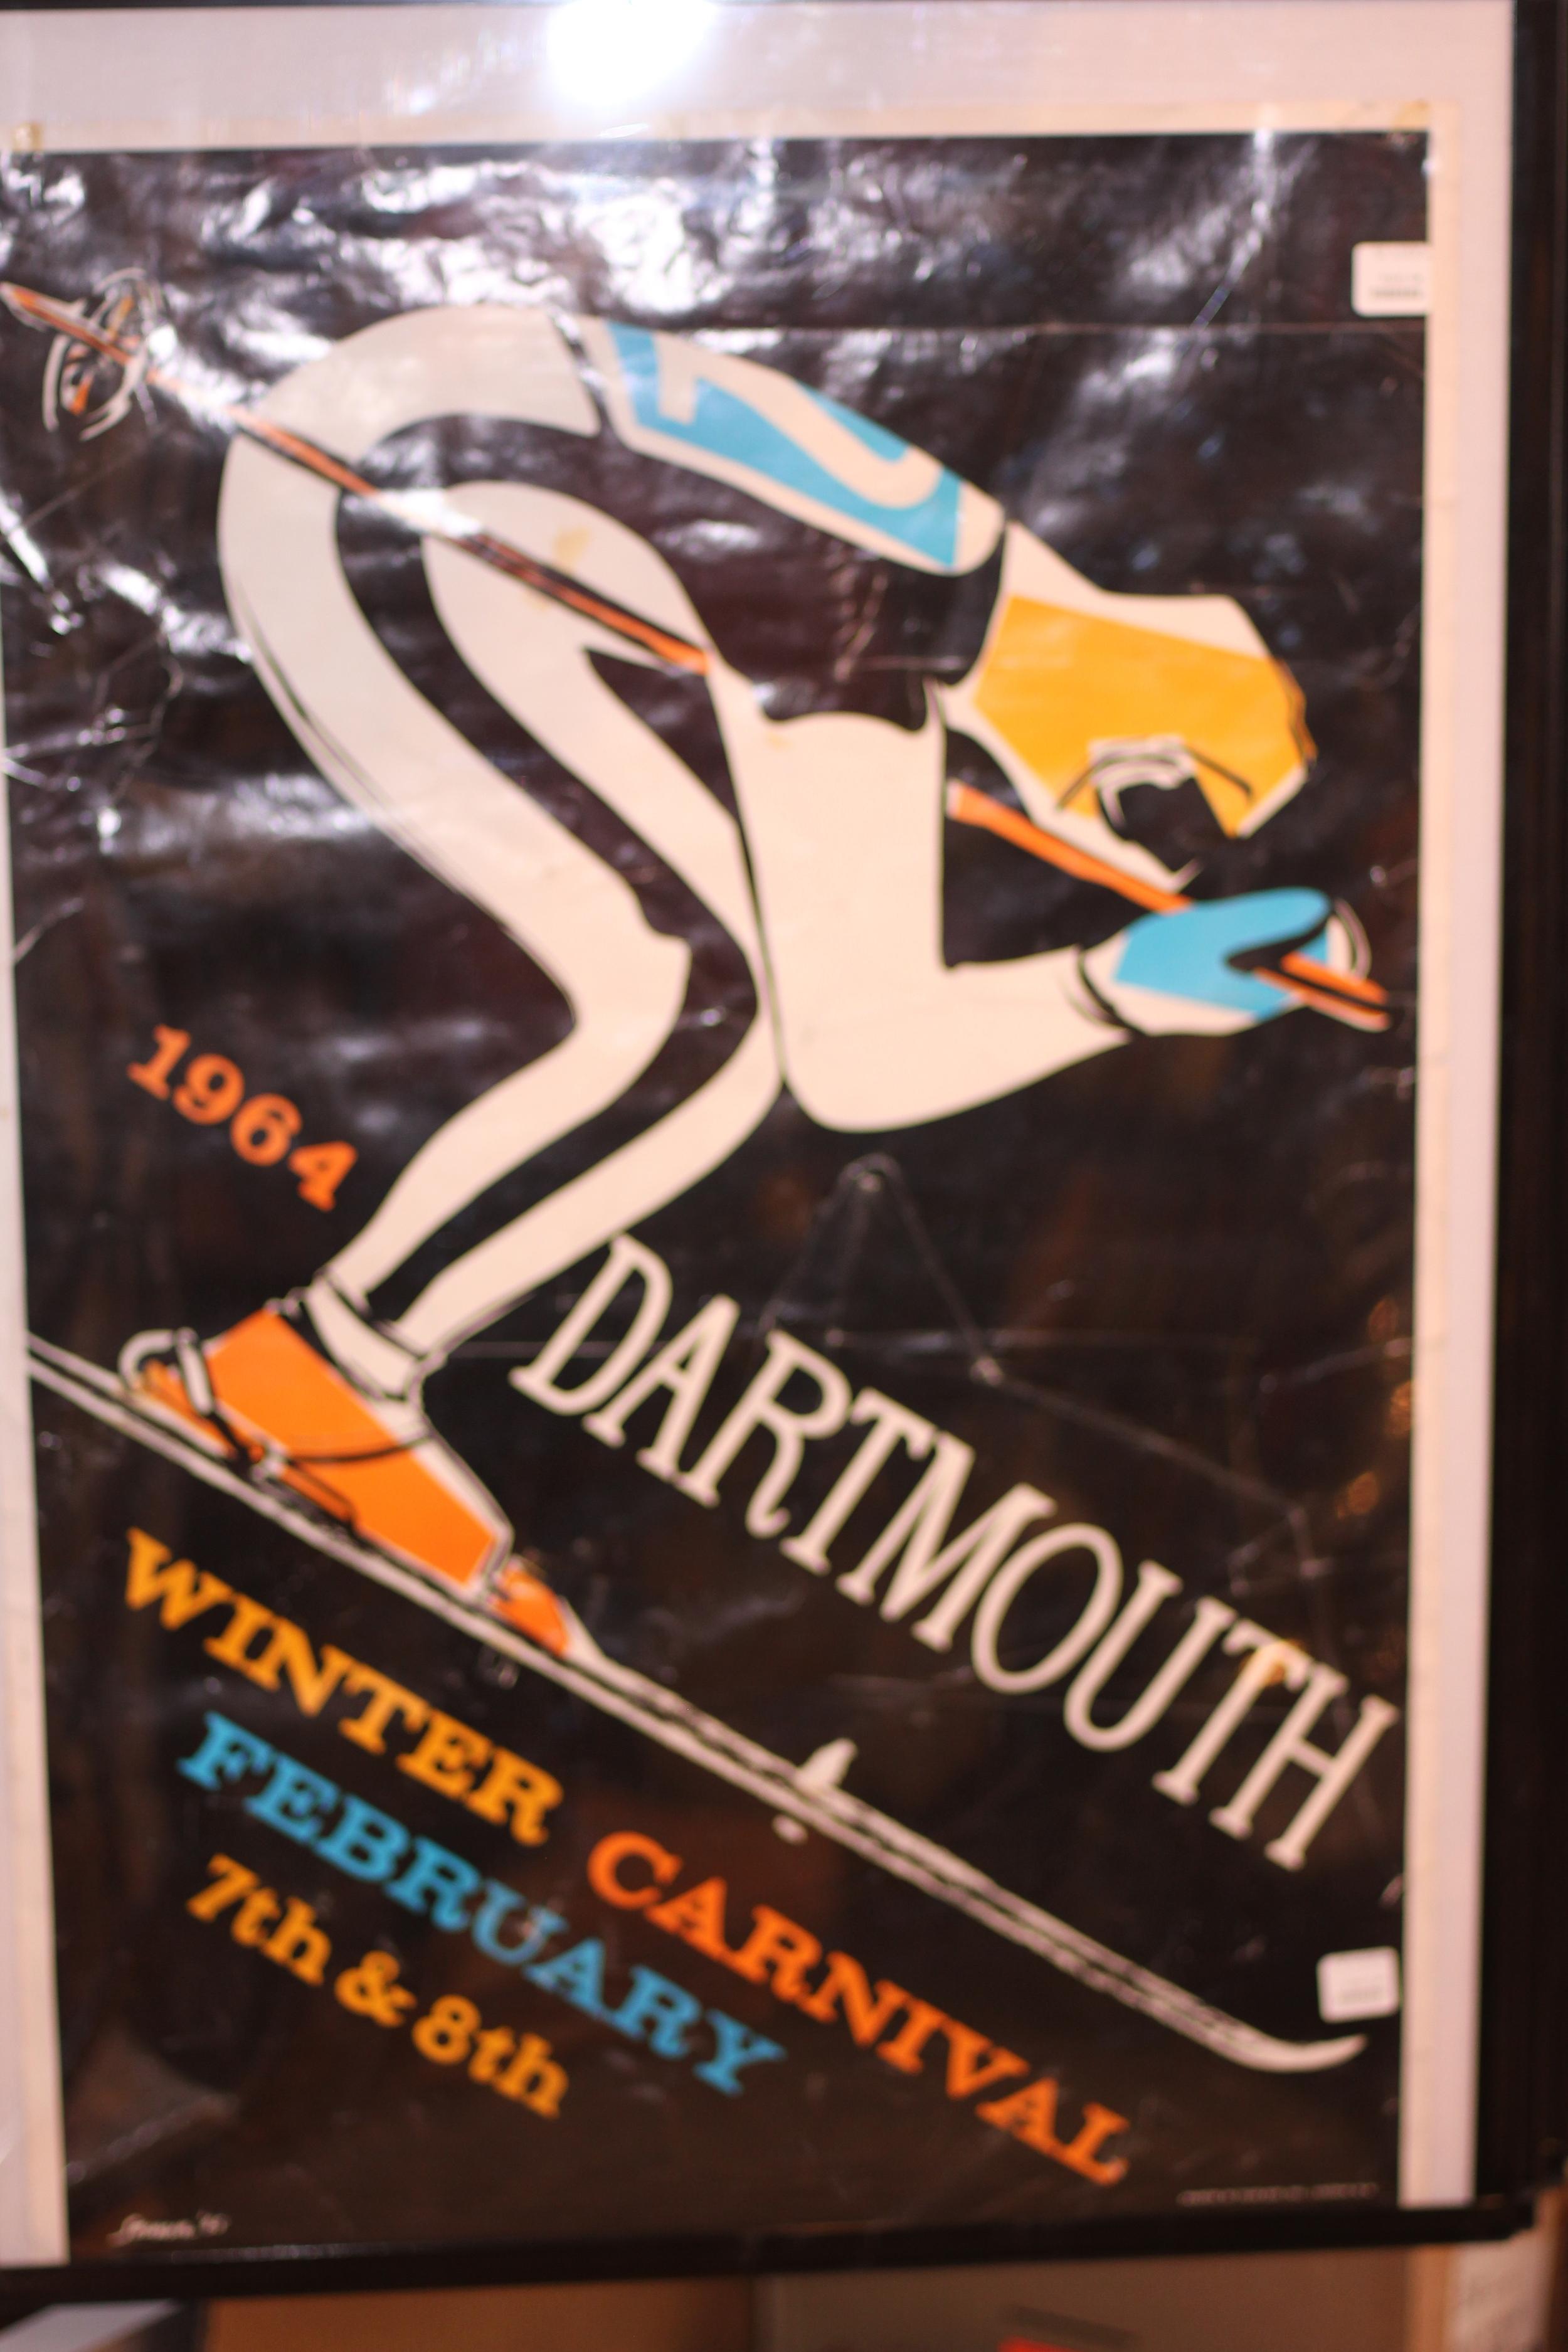 Dartmouth Winter Carnival 1964